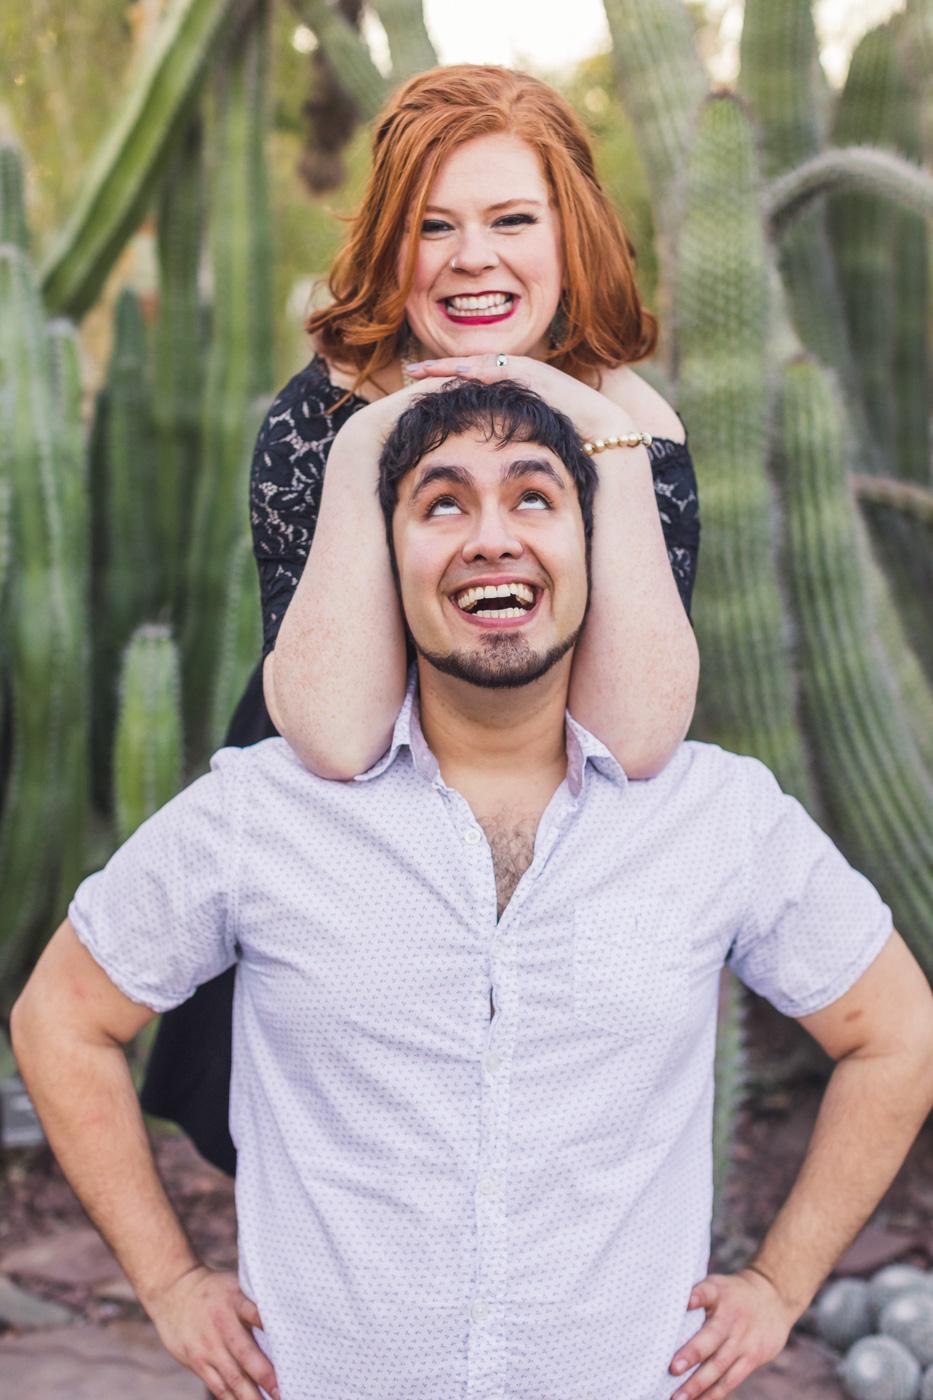 fun-engagement-photo-pose